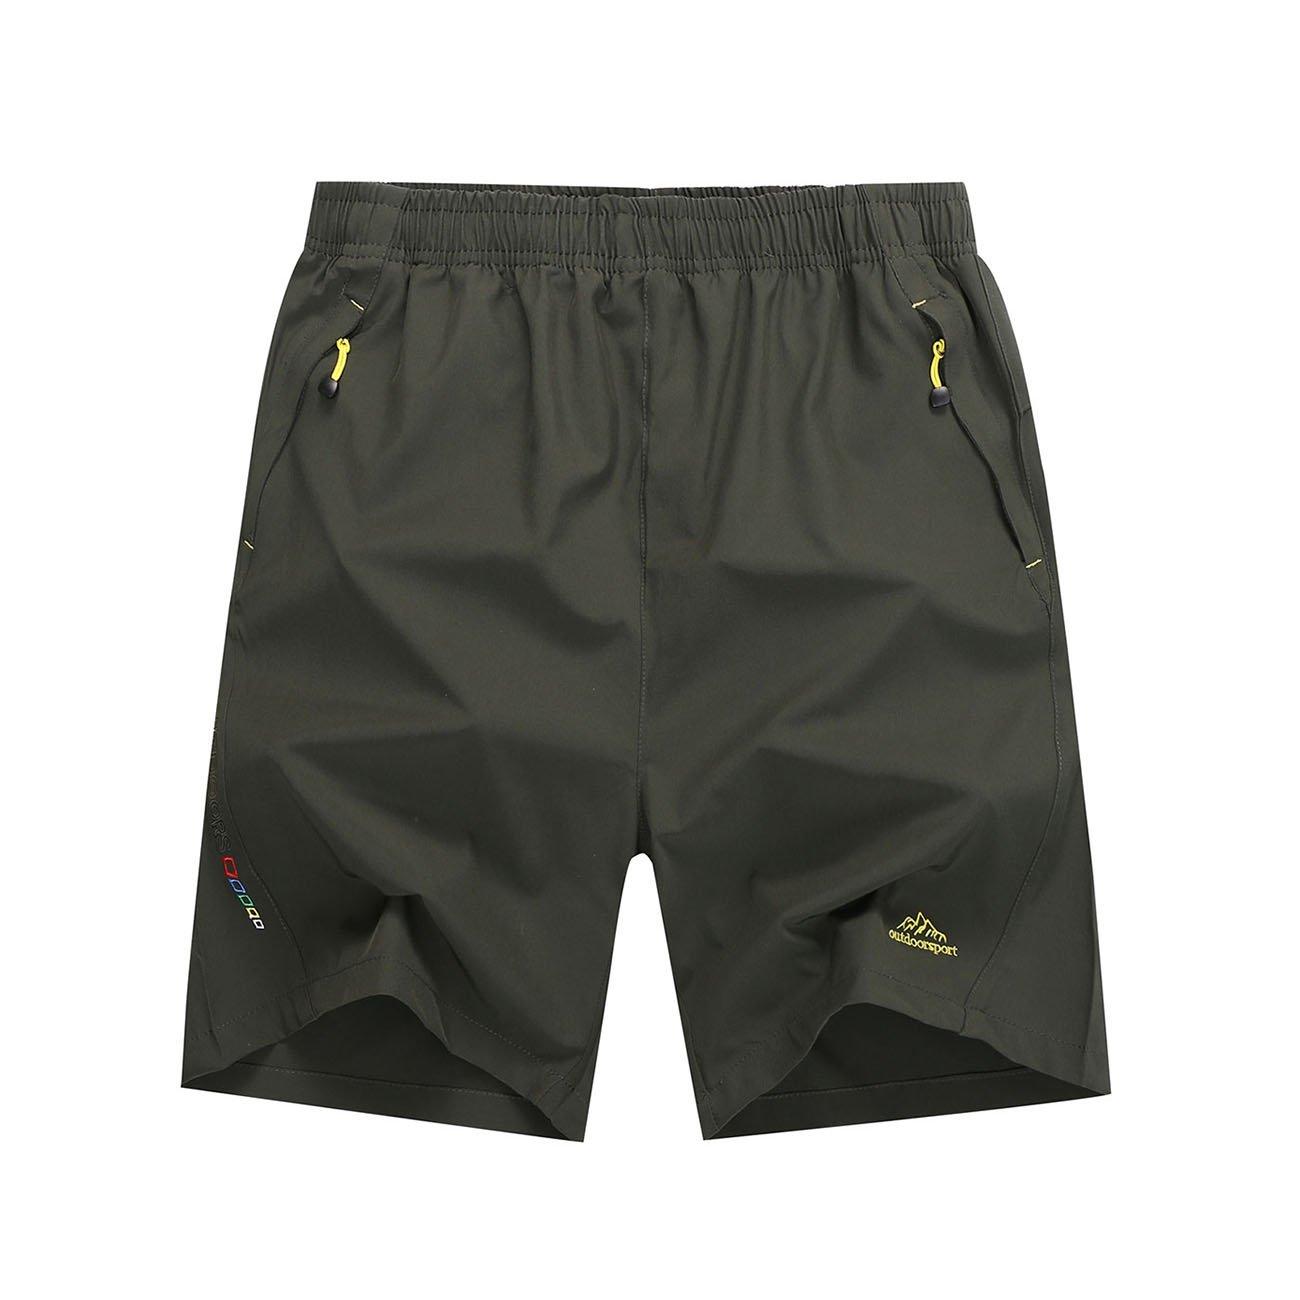 Mesitelin Men Outdoor Sport Zipper Pocket Short Casual Running Short